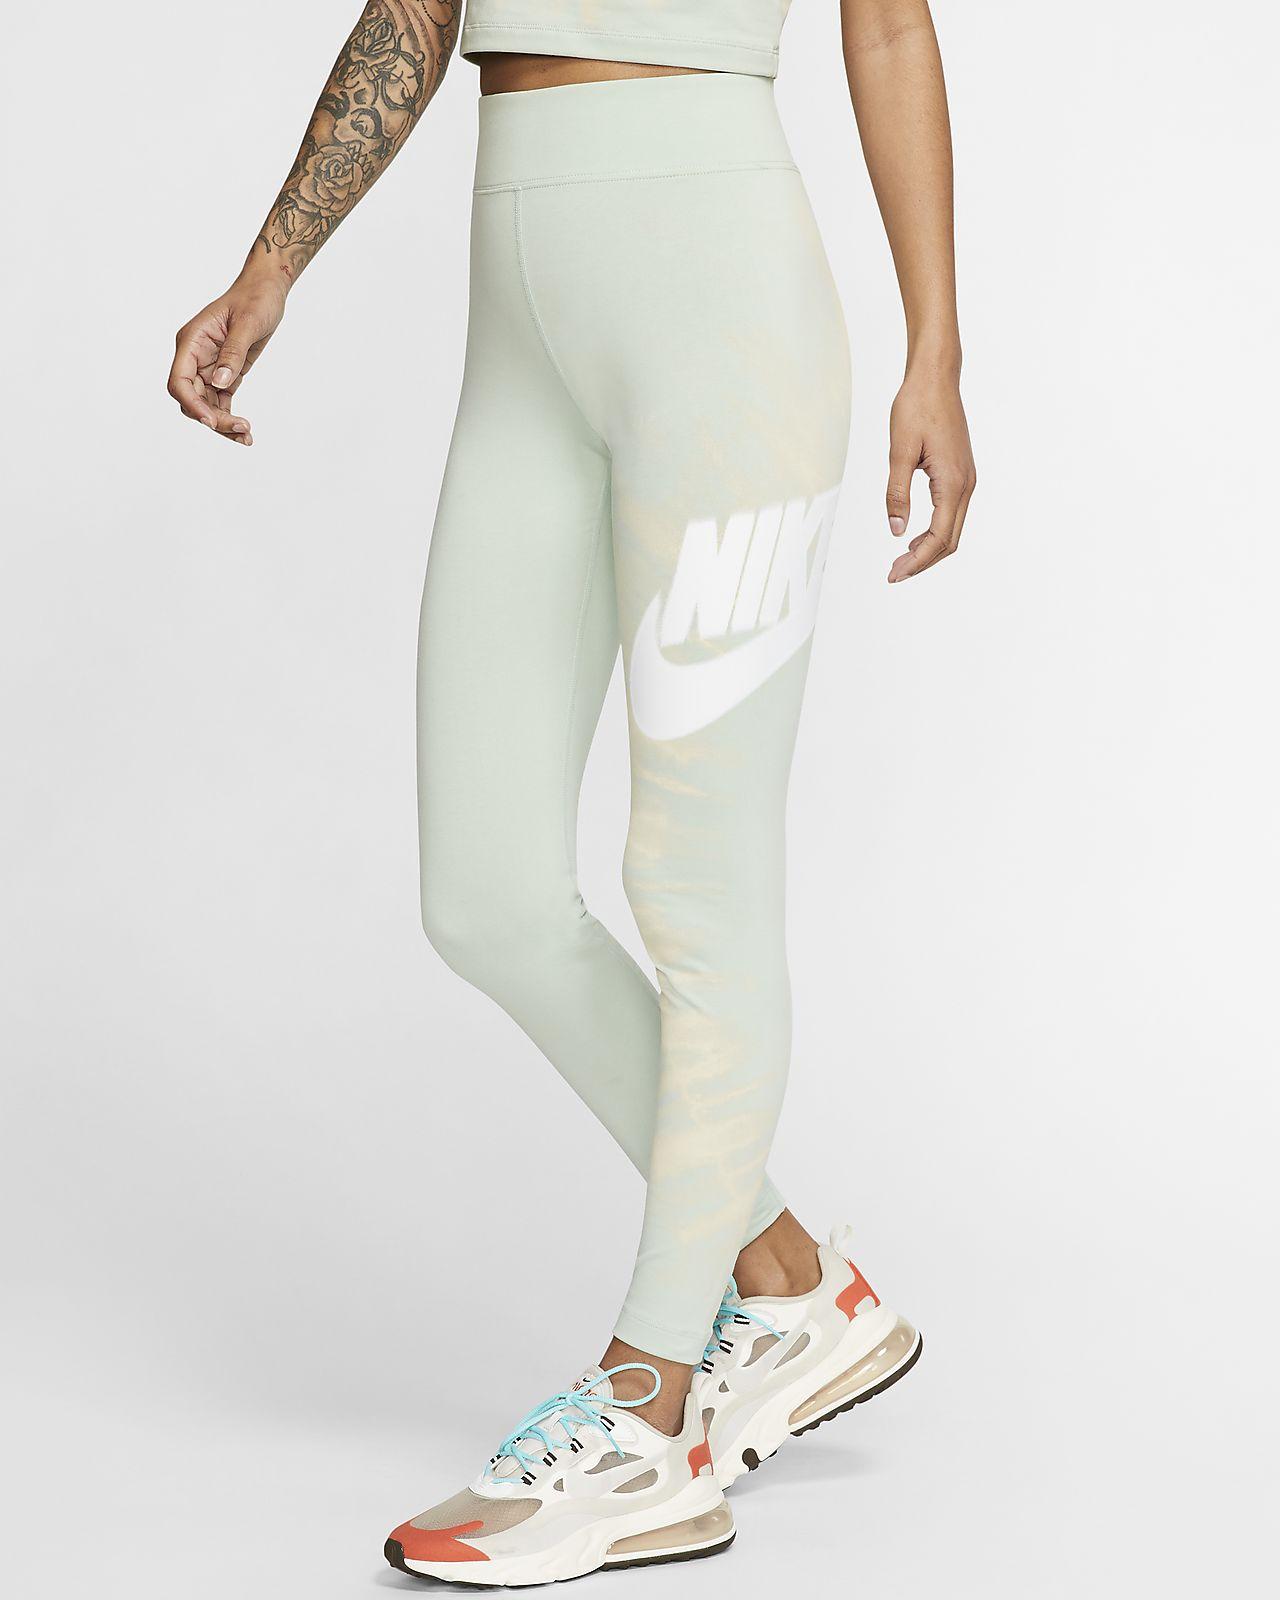 Nike Sportswear Women's High-Waisted Tie Dye Leggings